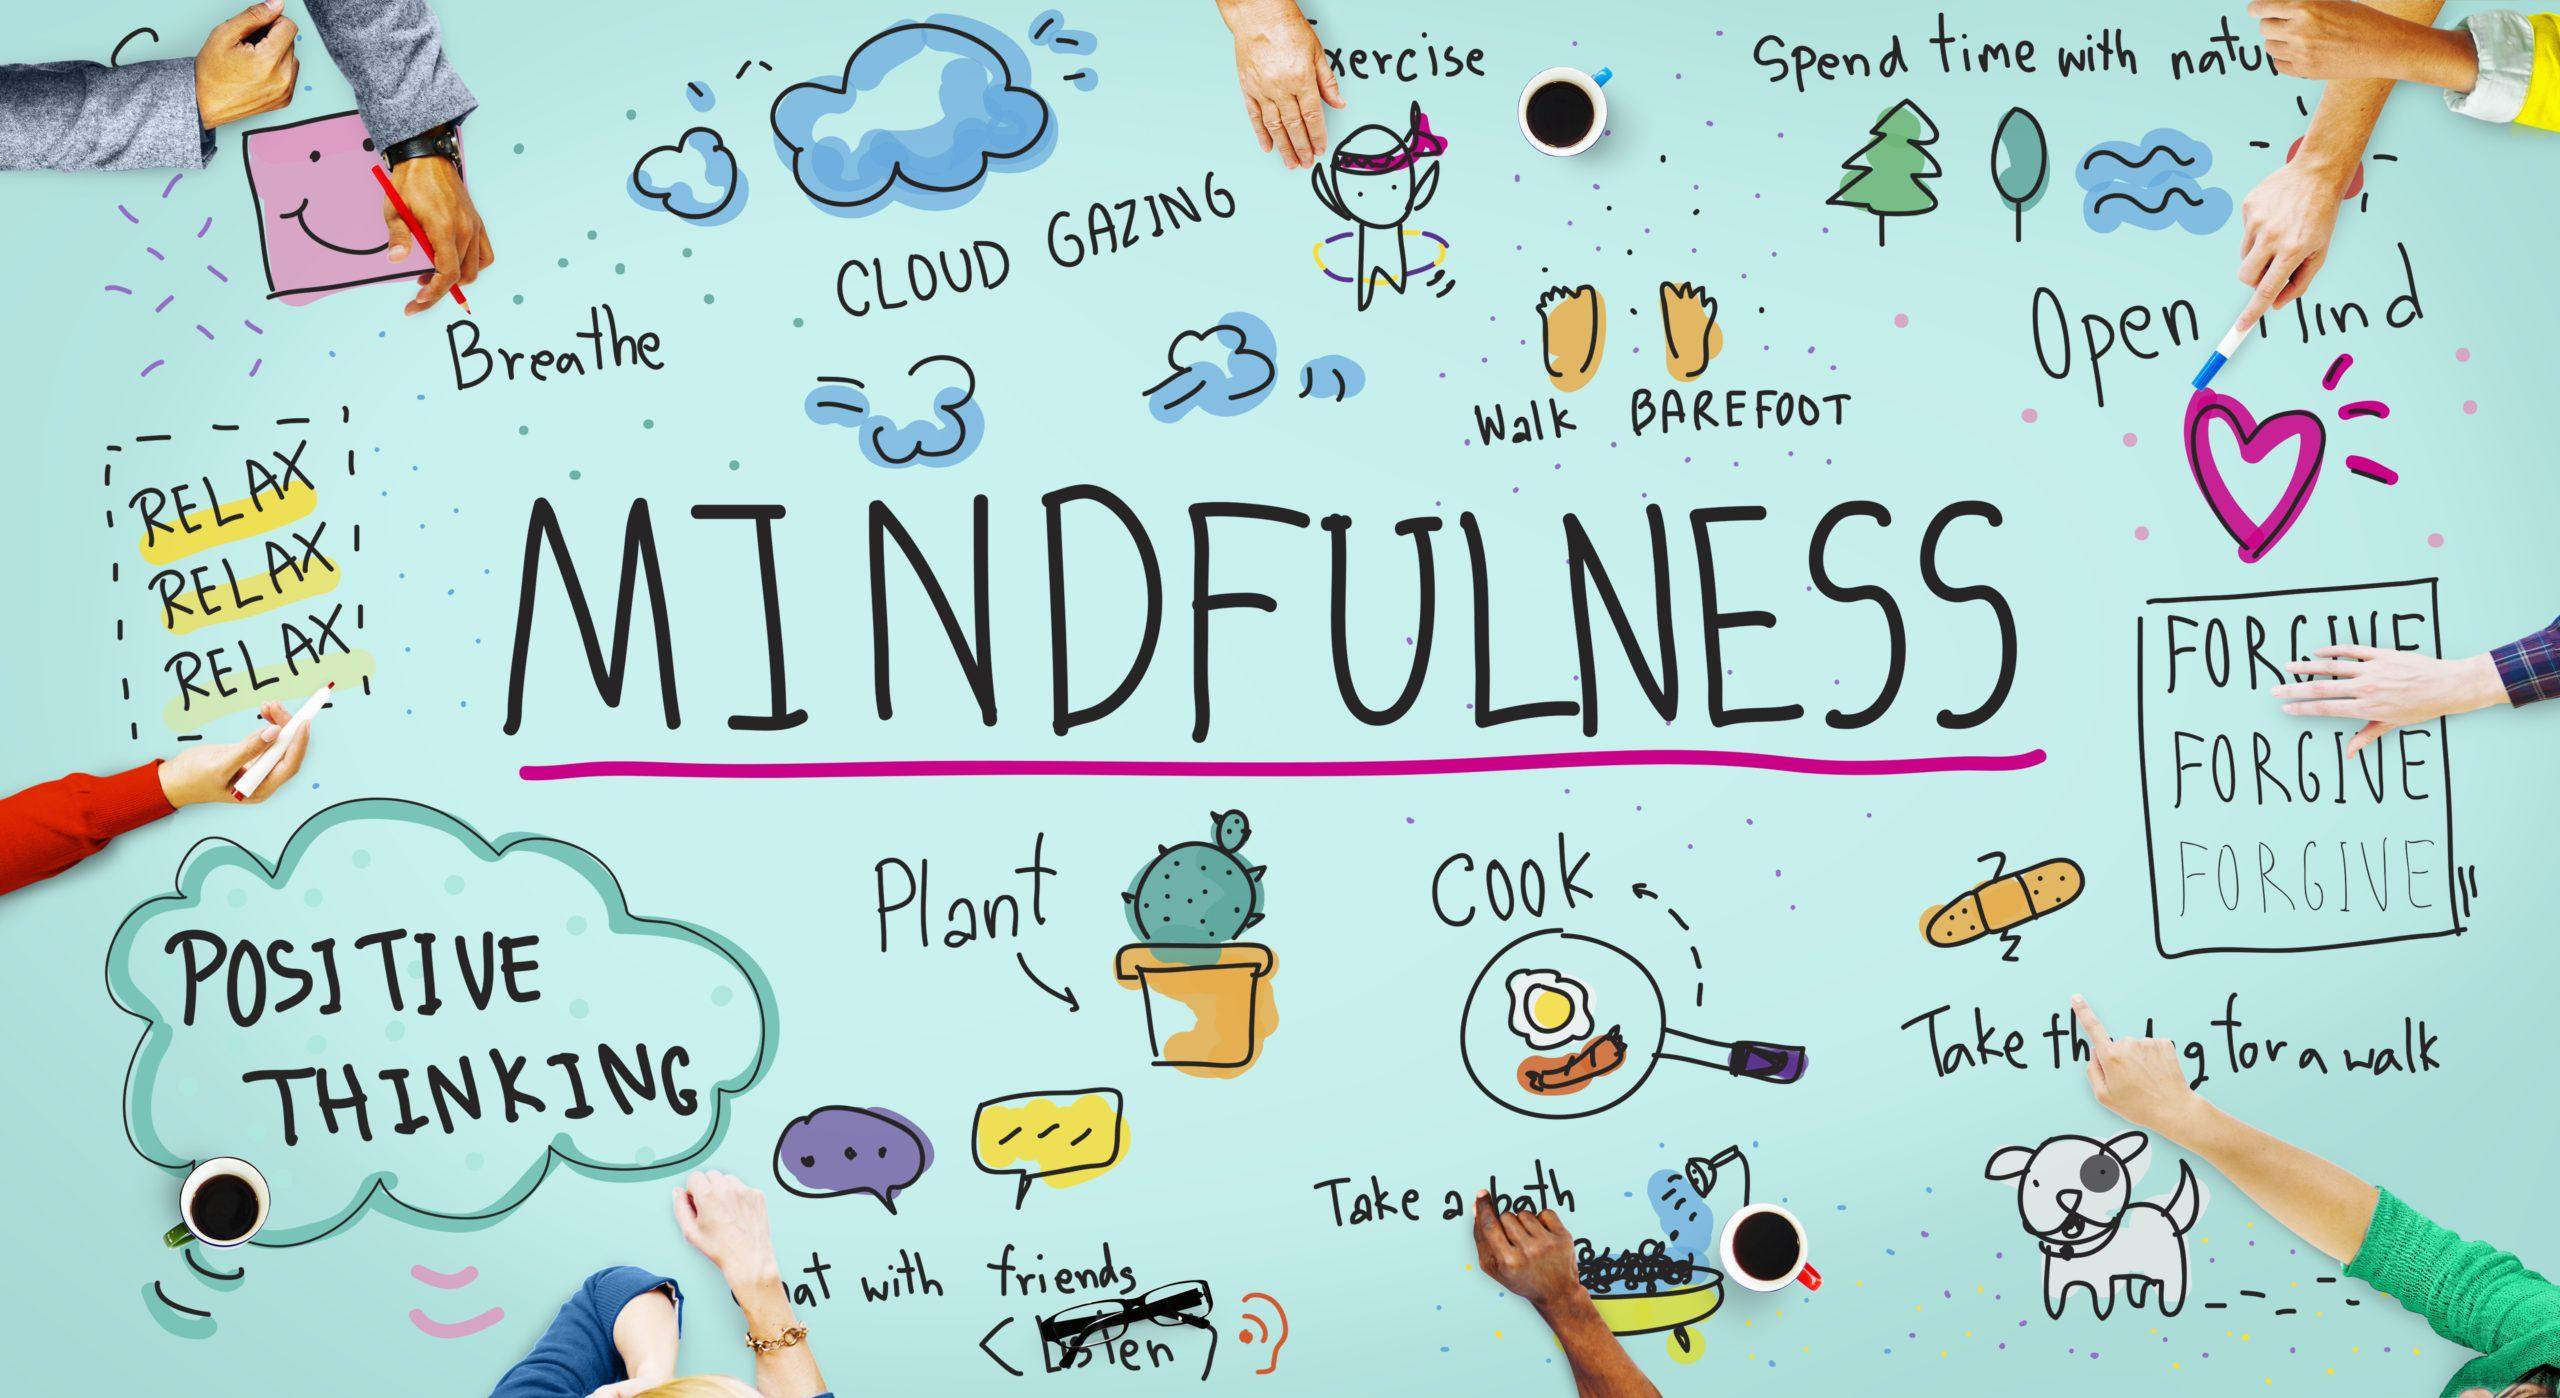 「心の平安」をもたらすマインドフルネス。有用です!でも万能かと言われると…|AC回復tips